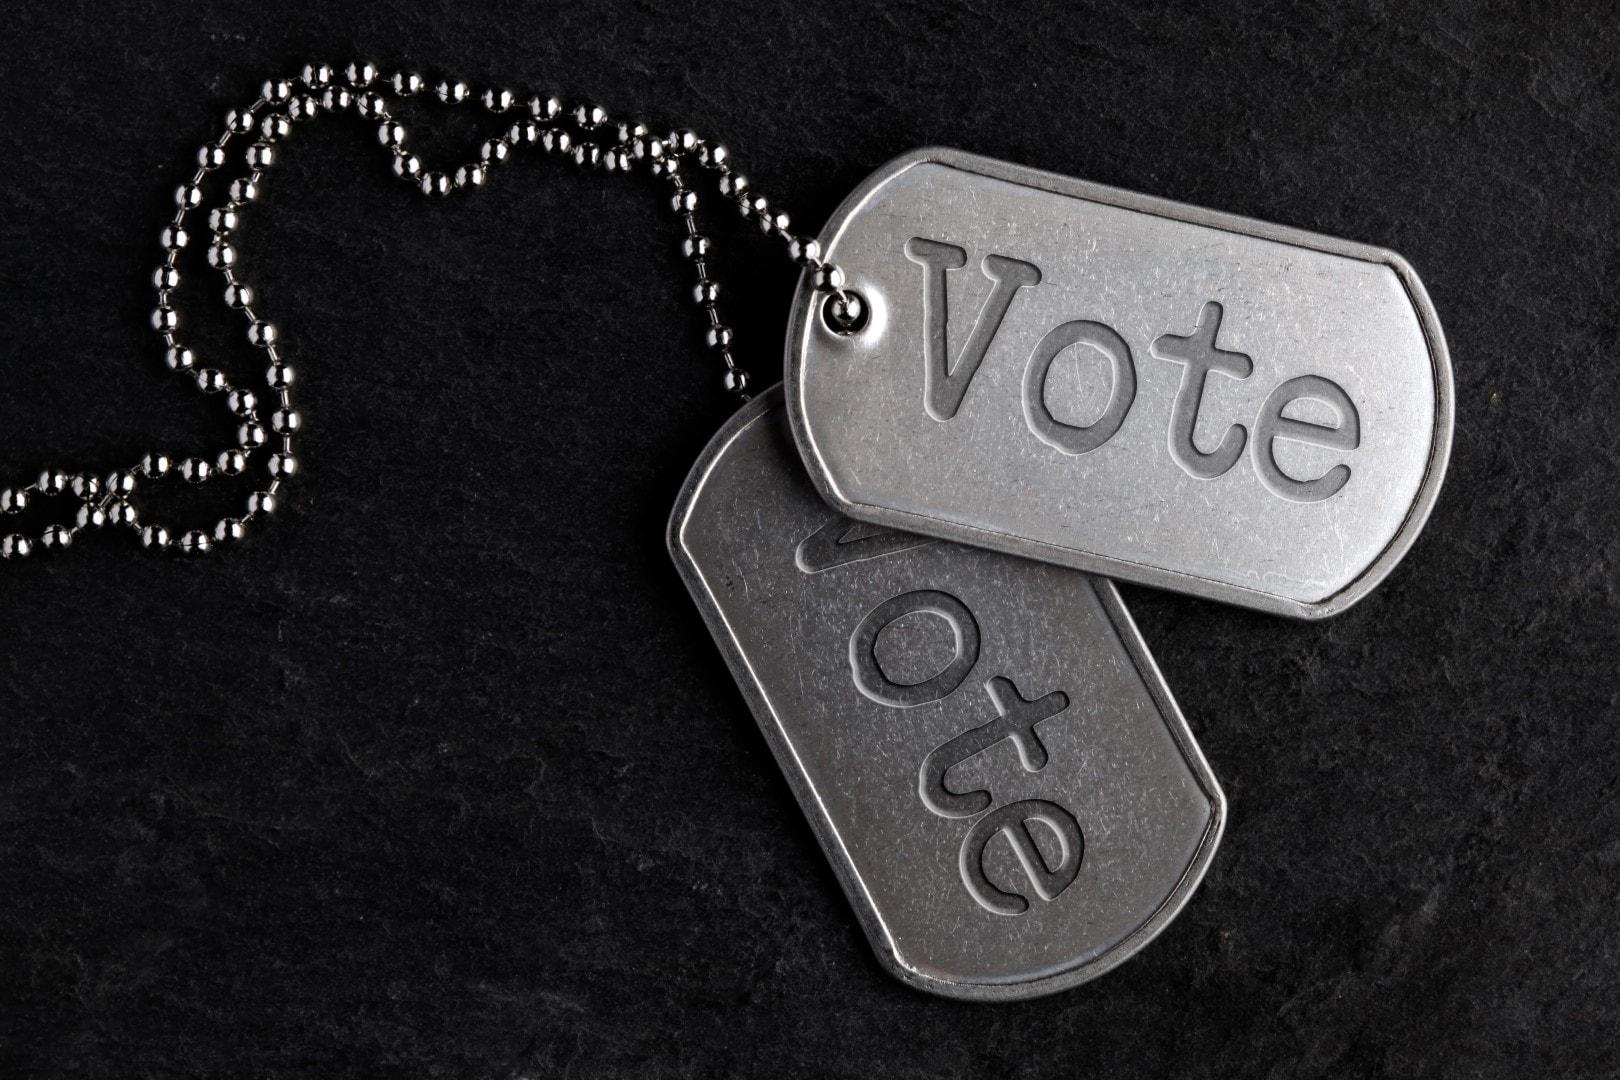 military-vote-Large.jpeg